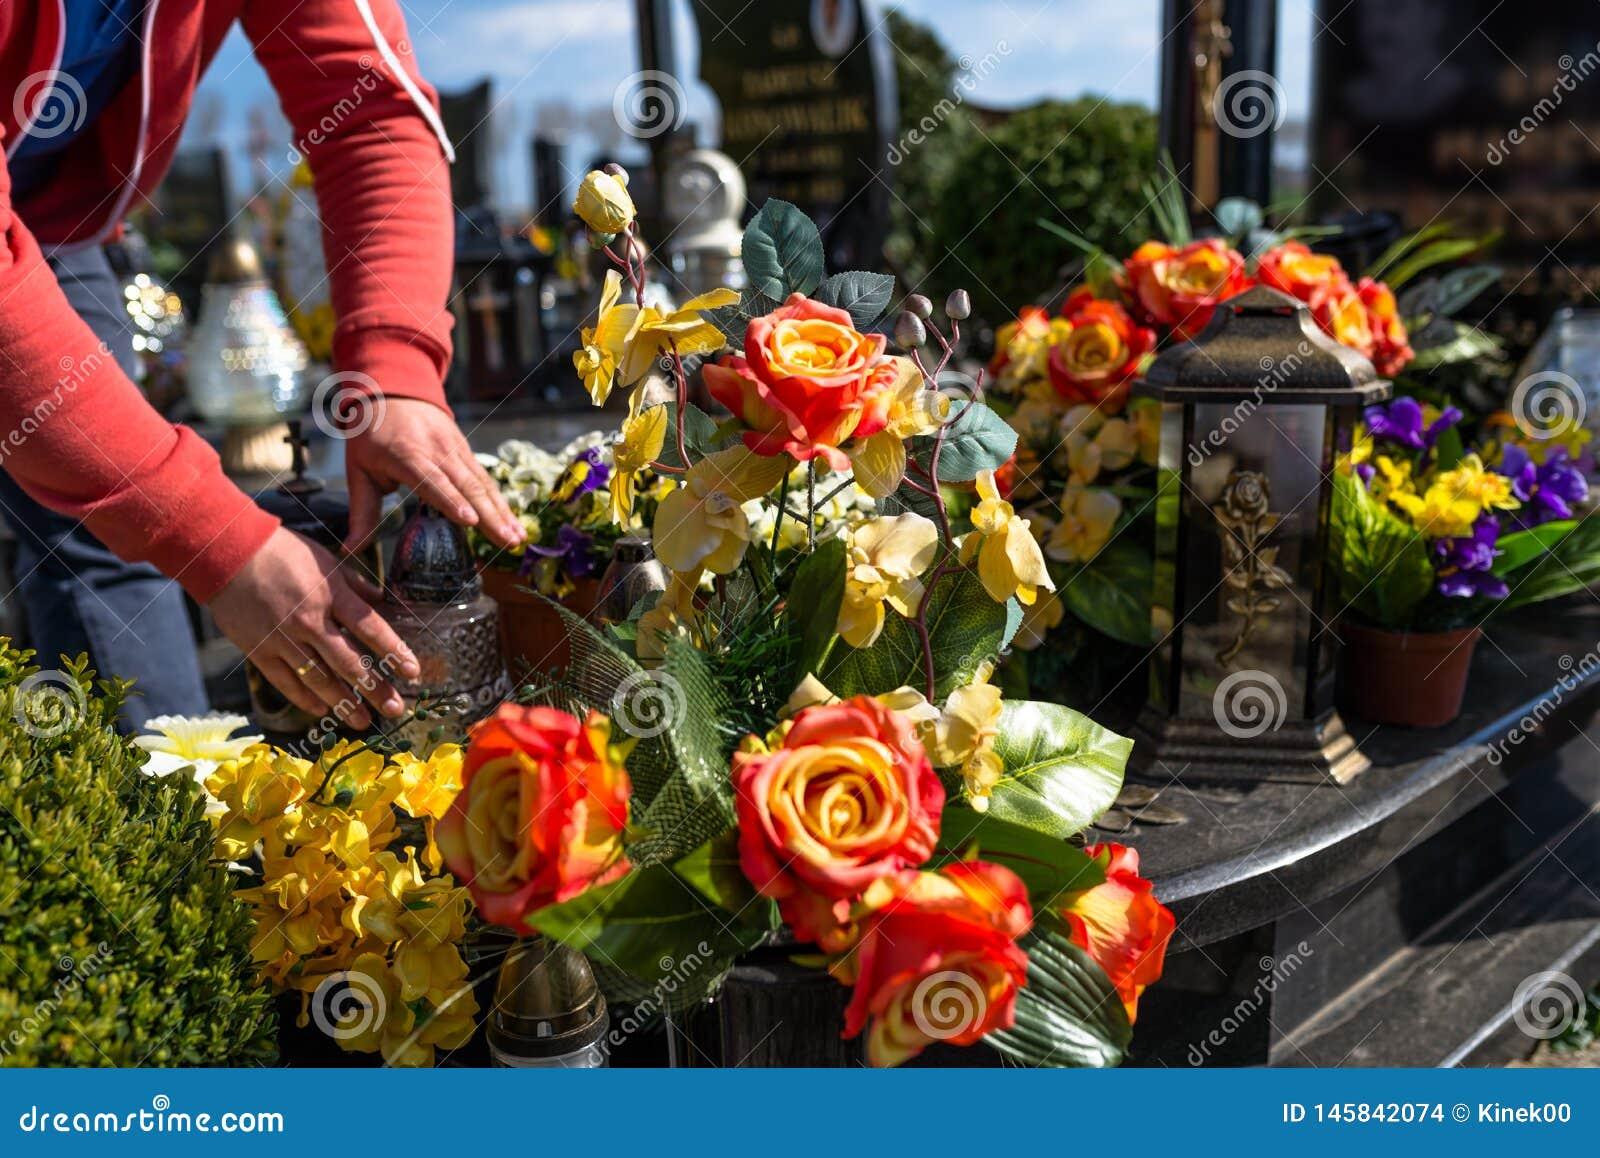 De kunstbloemen en de kandelaars liggen op de grafsteen in de begraafplaats, zichtbare handen van een mens